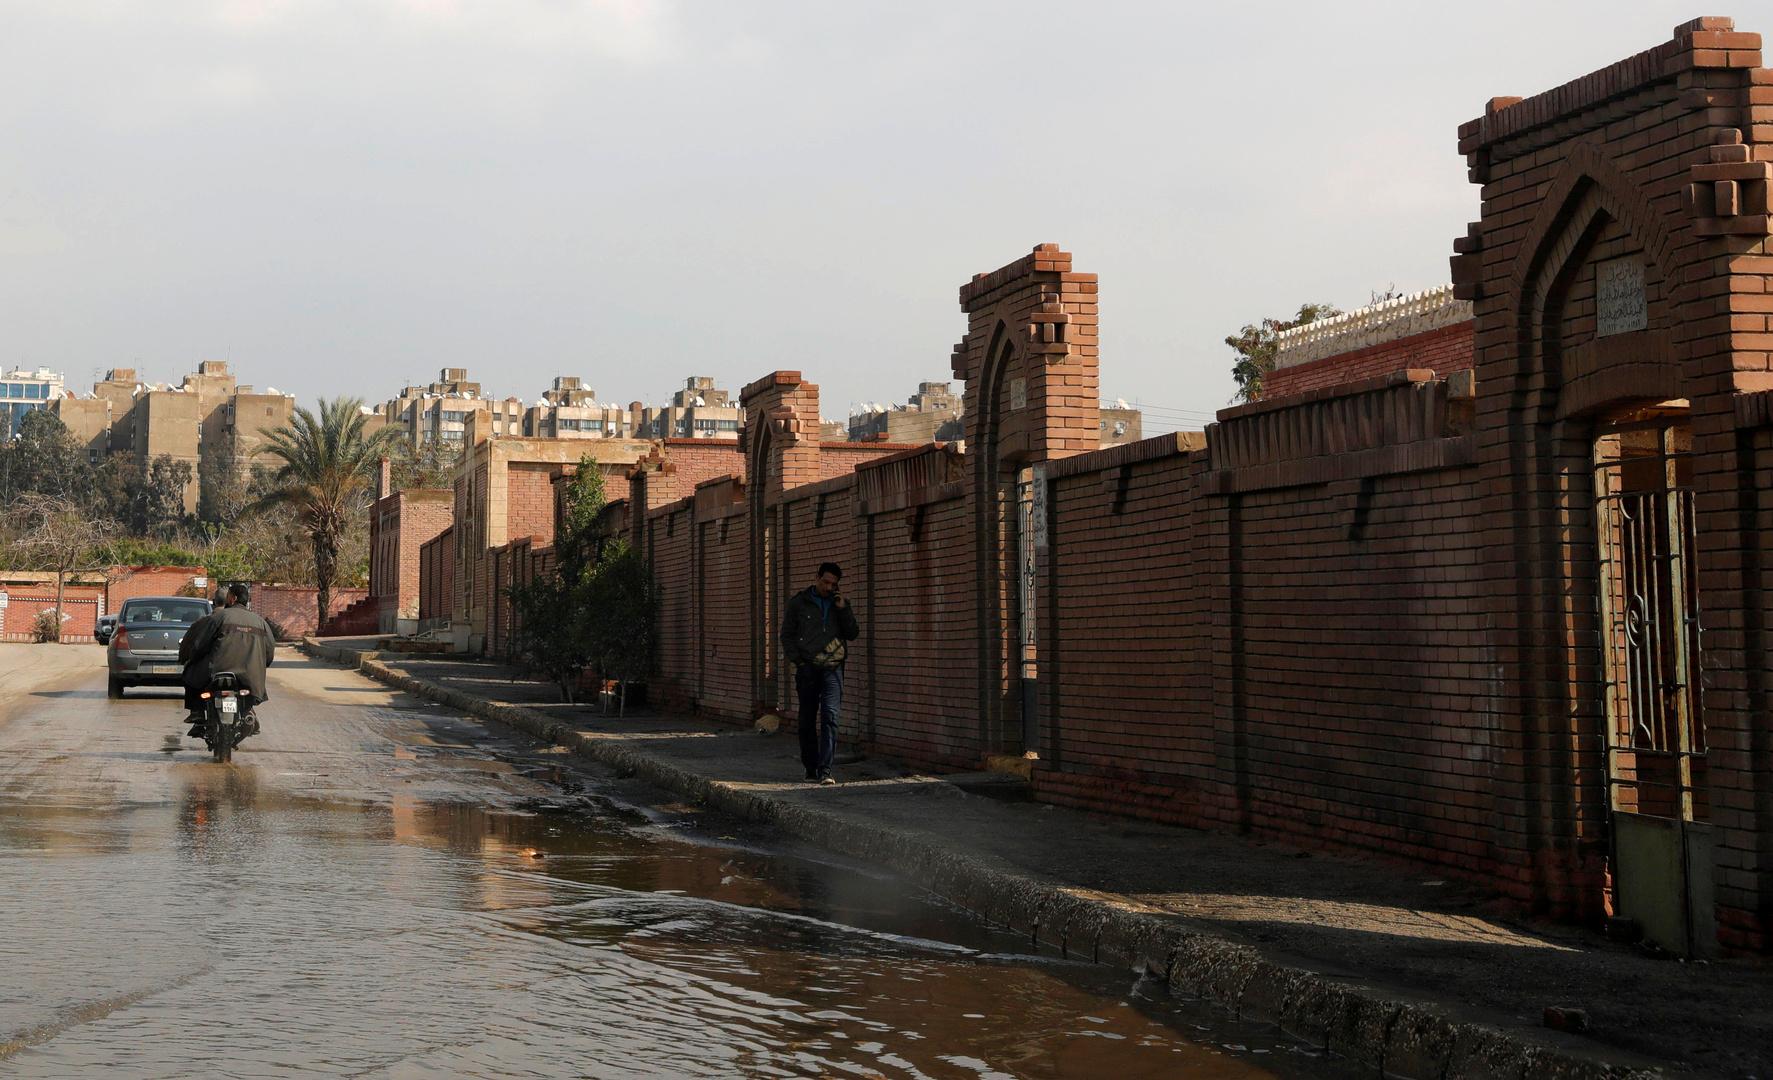 شارع في مصر يفوض بالمياه نتيجة الأمطار